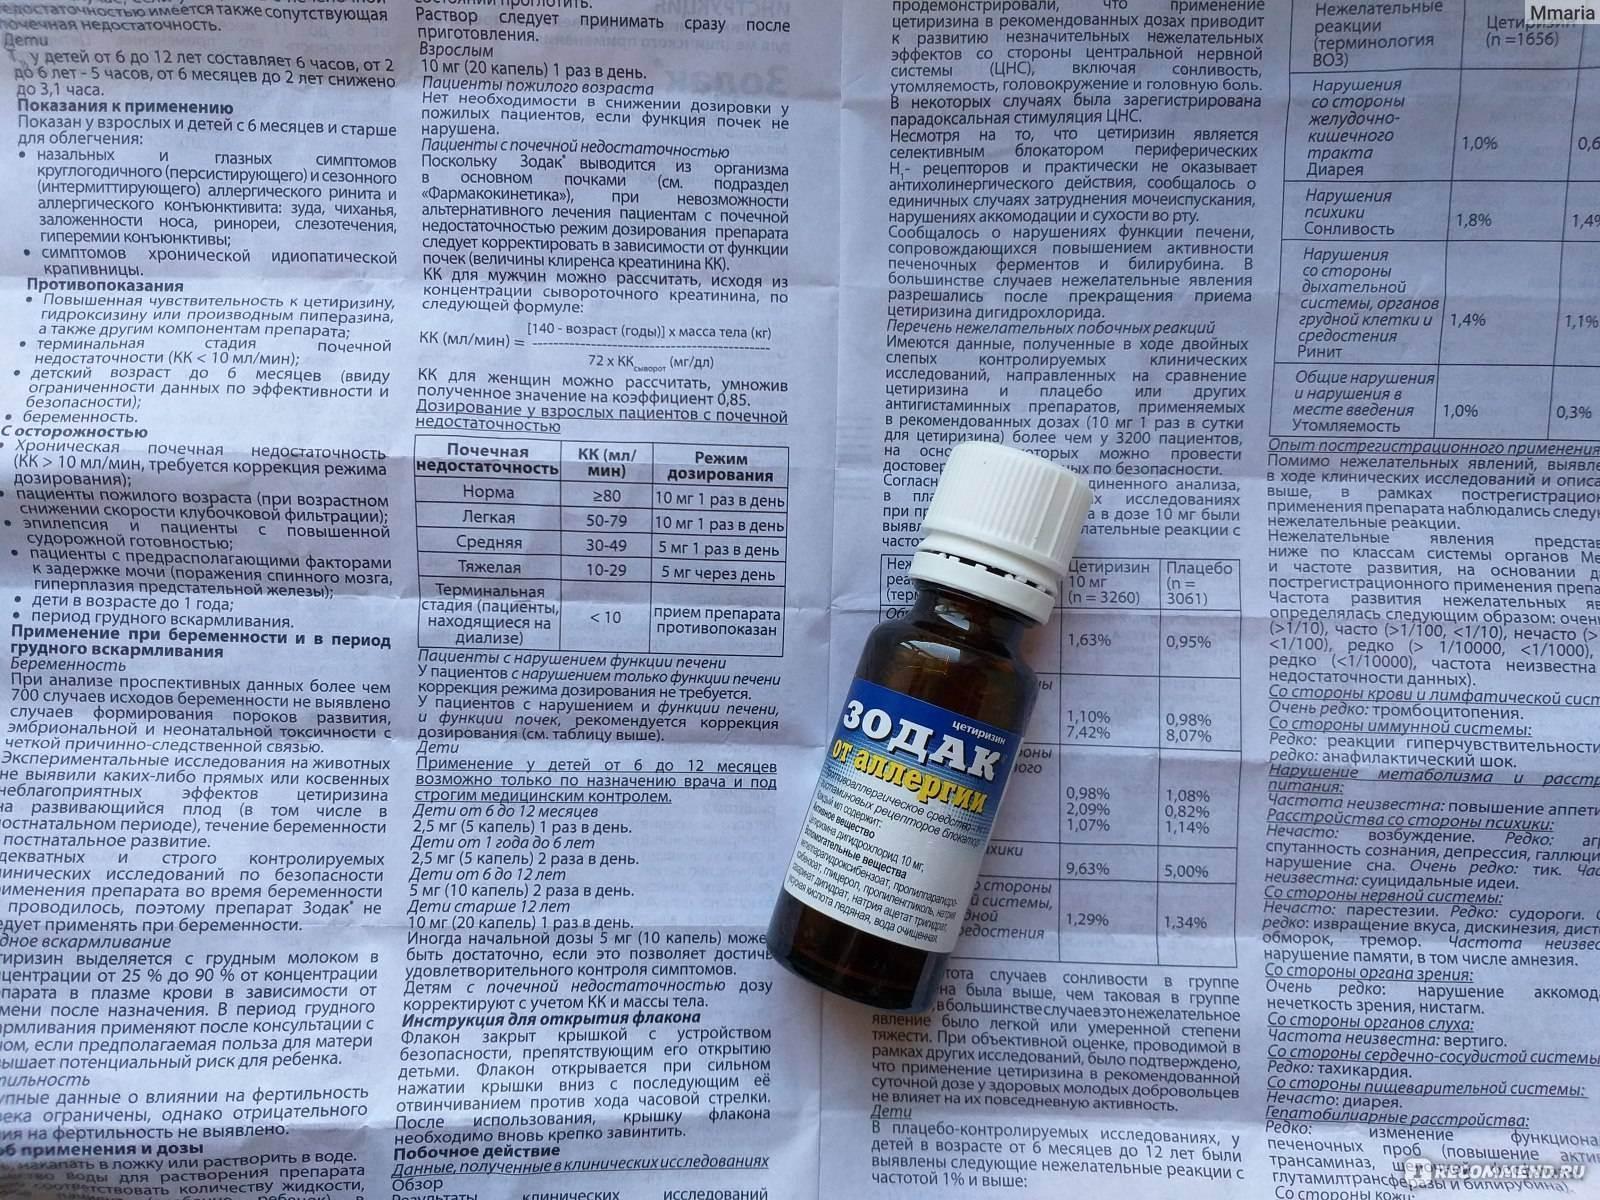 """""""зодак"""" от аллергии, капли: инструкция по применению, дозировка, отзывы - druggist.ru"""